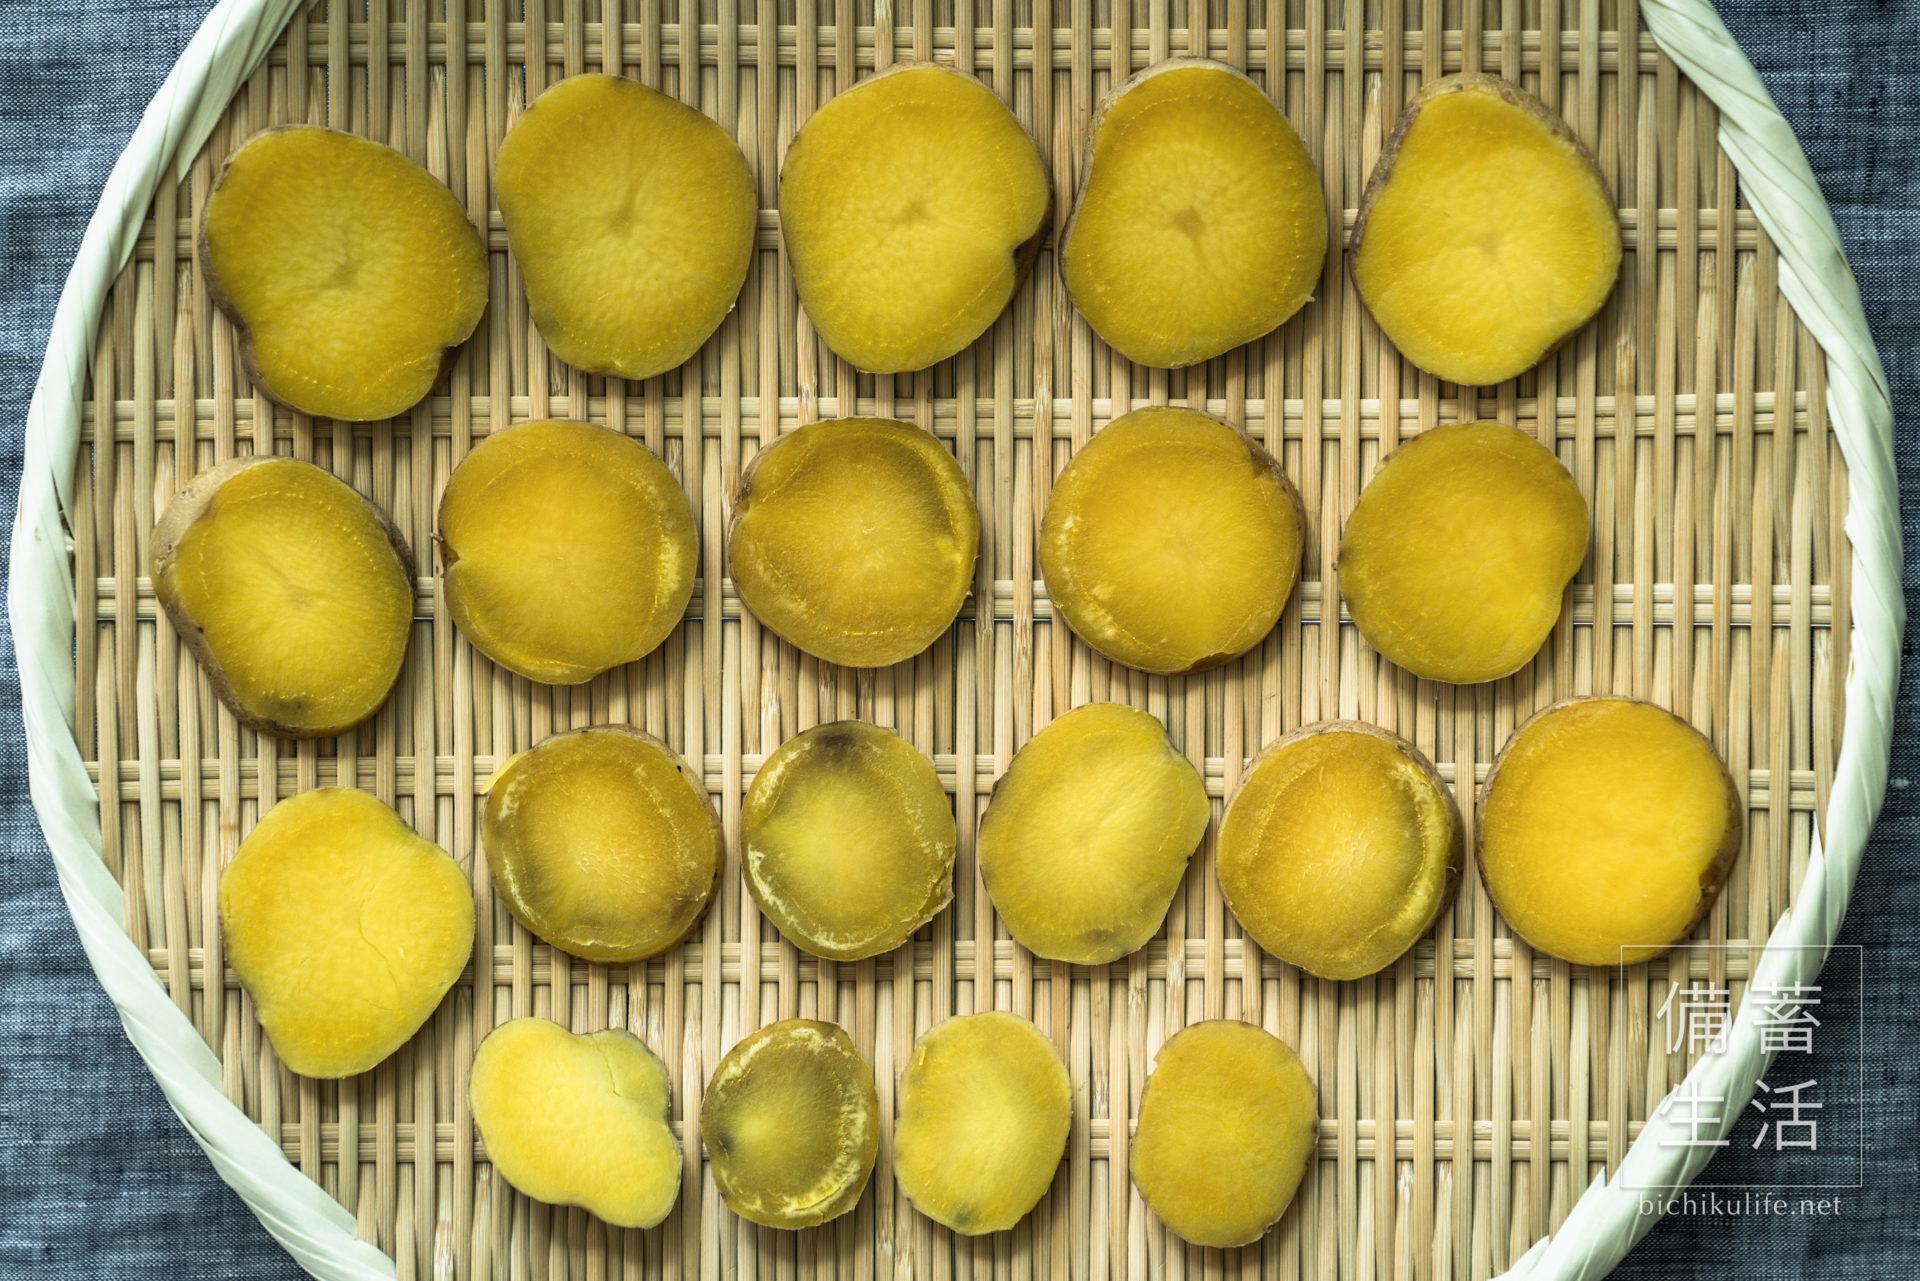 じゃがいも 干し野菜づくり|干し馬鈴薯の作り方